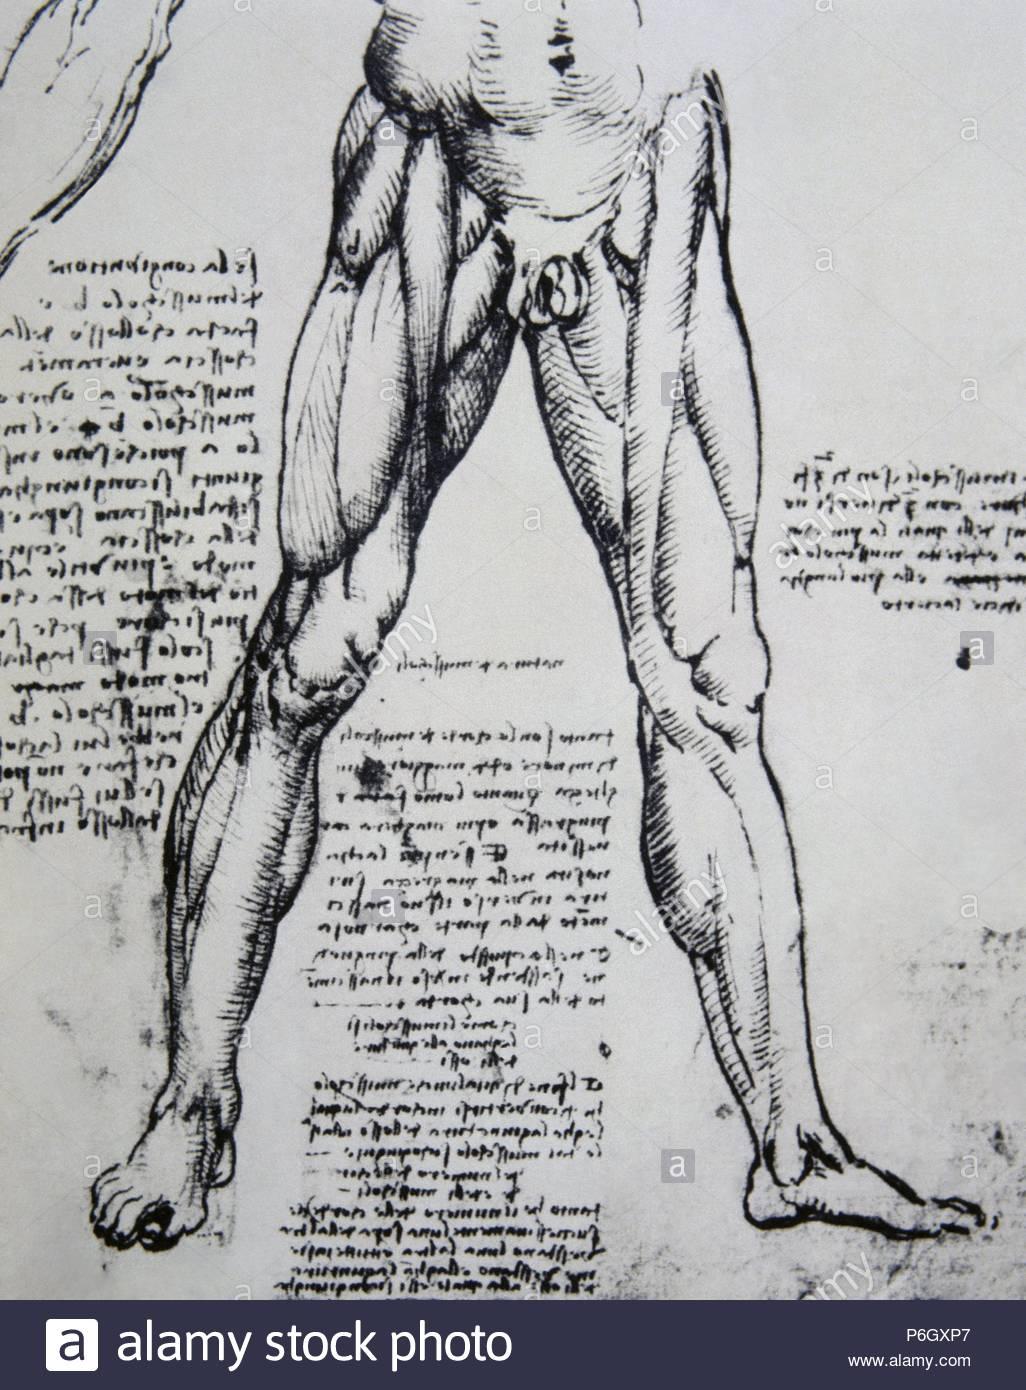 Leonardo Da Vinci 1452 1519 Italian Polymanth Genius